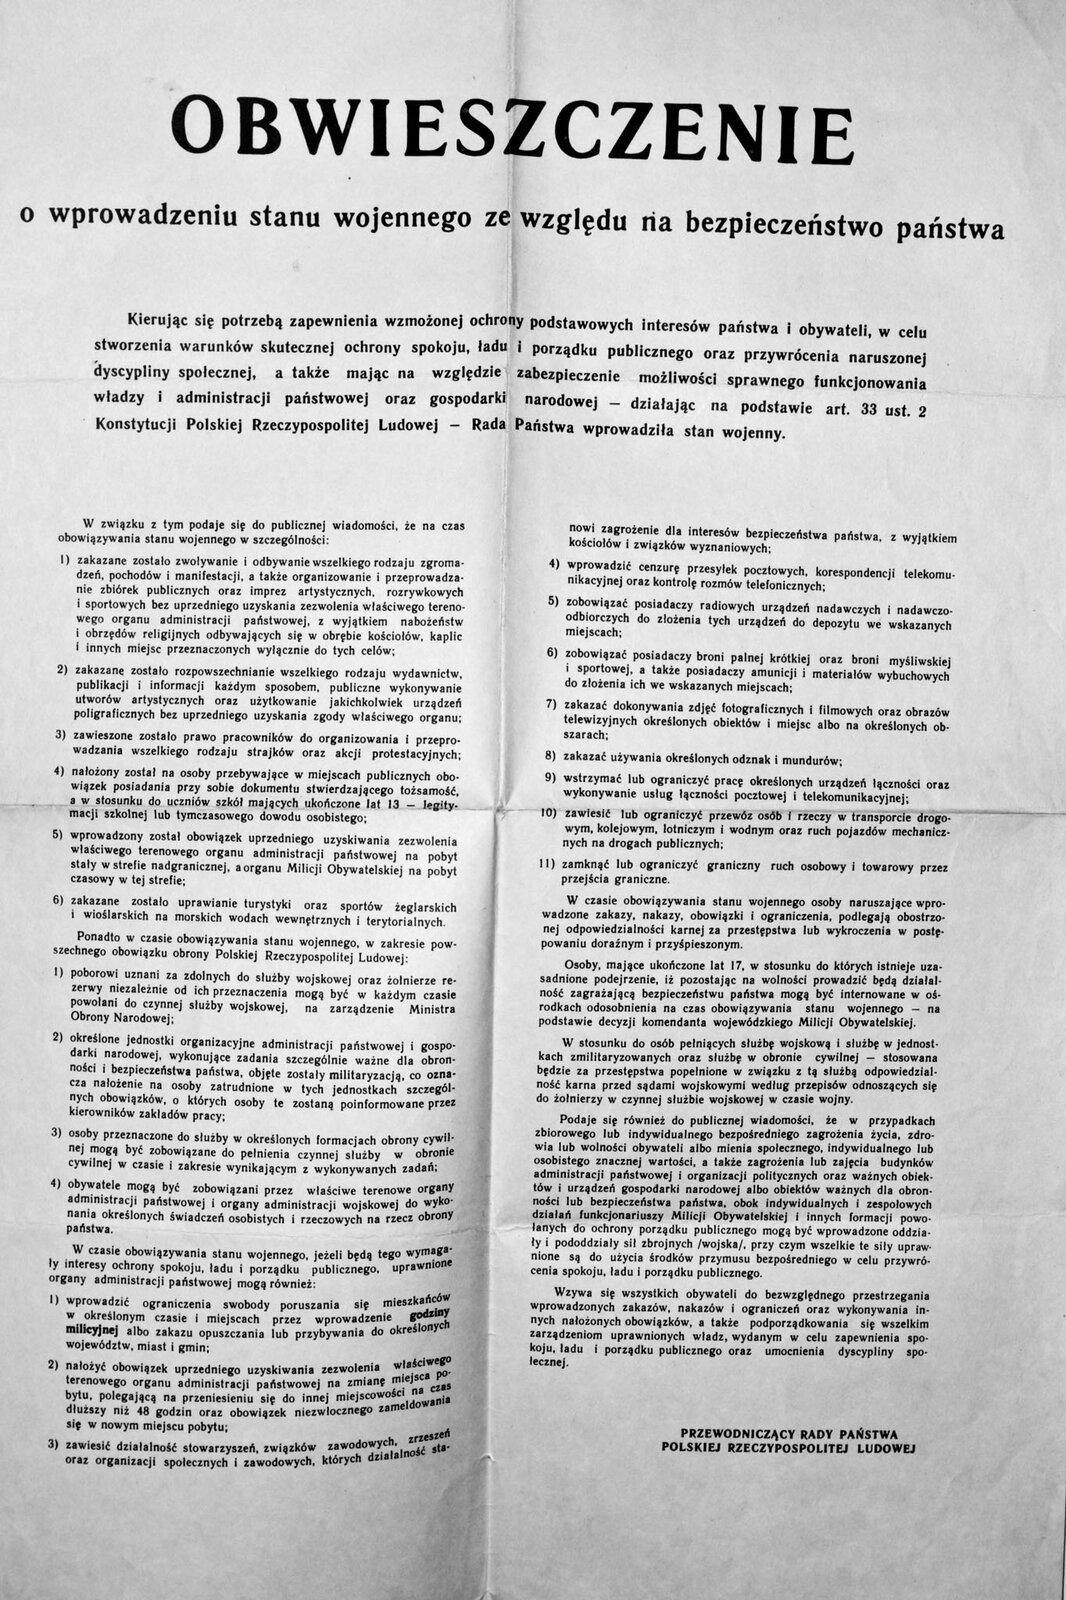 Stan wojenny - obwieszczenie Źródło: domena publiczna.